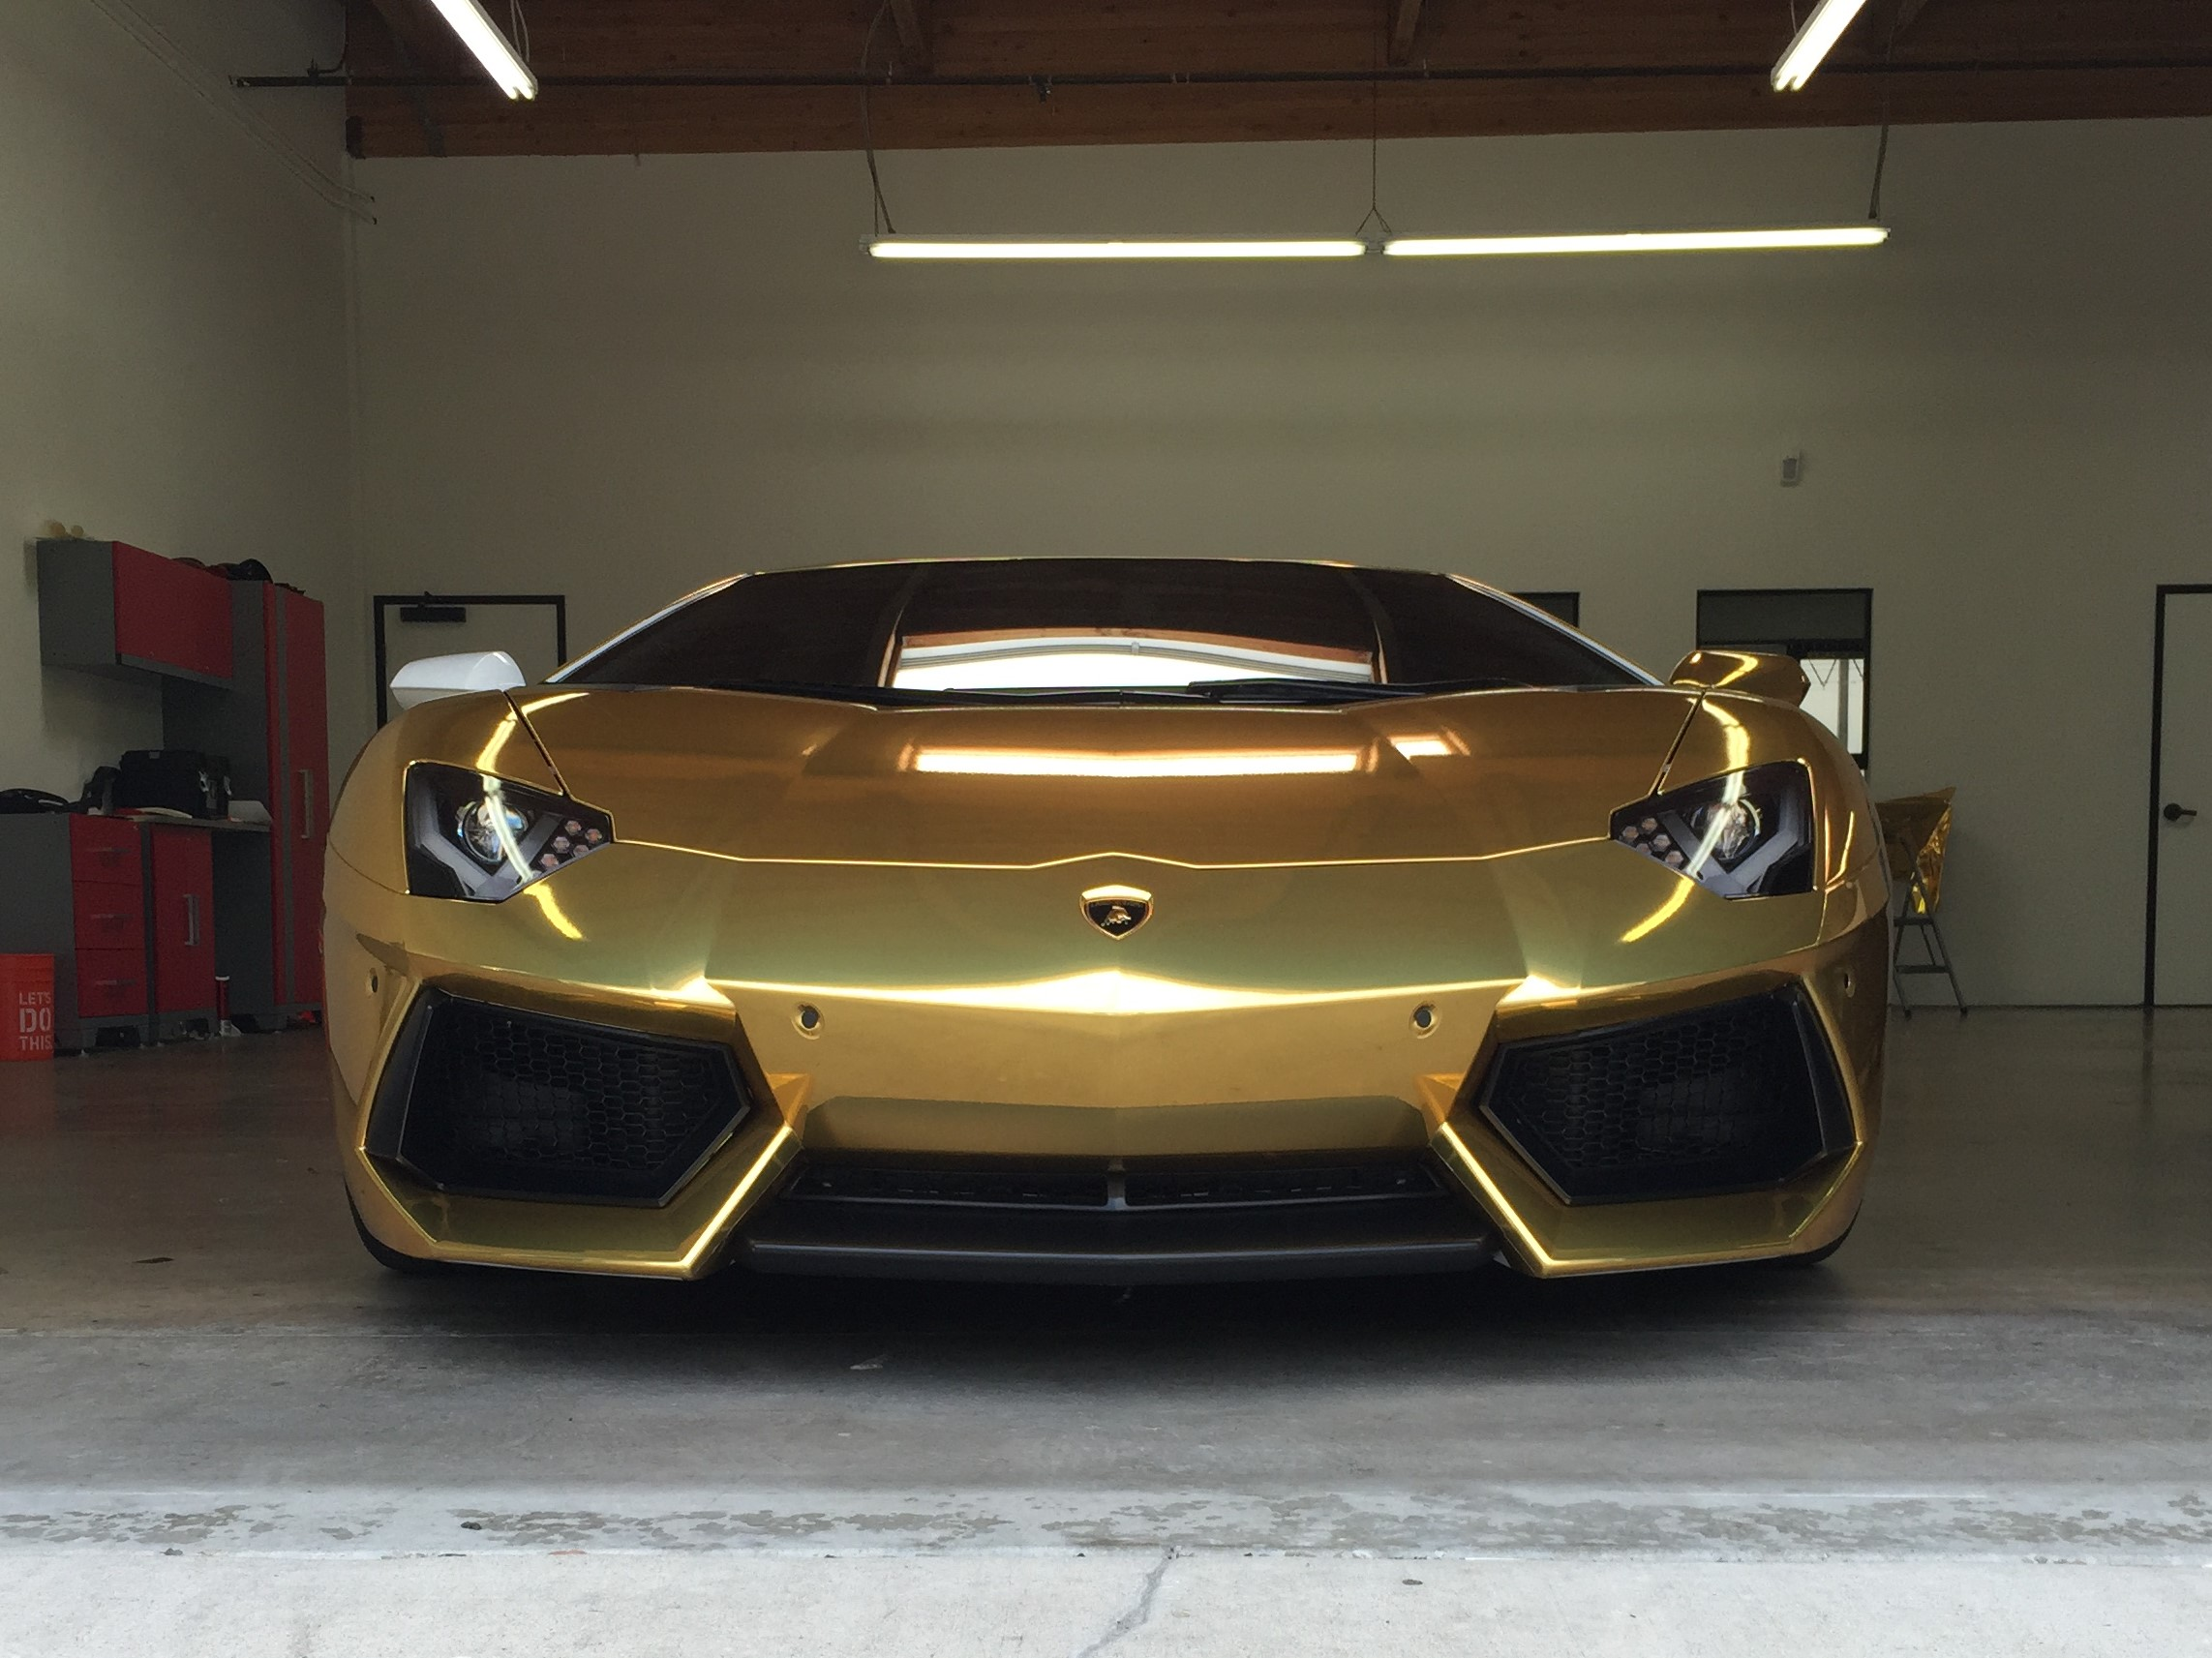 gold-vinyl-wrap-sd.jpeg